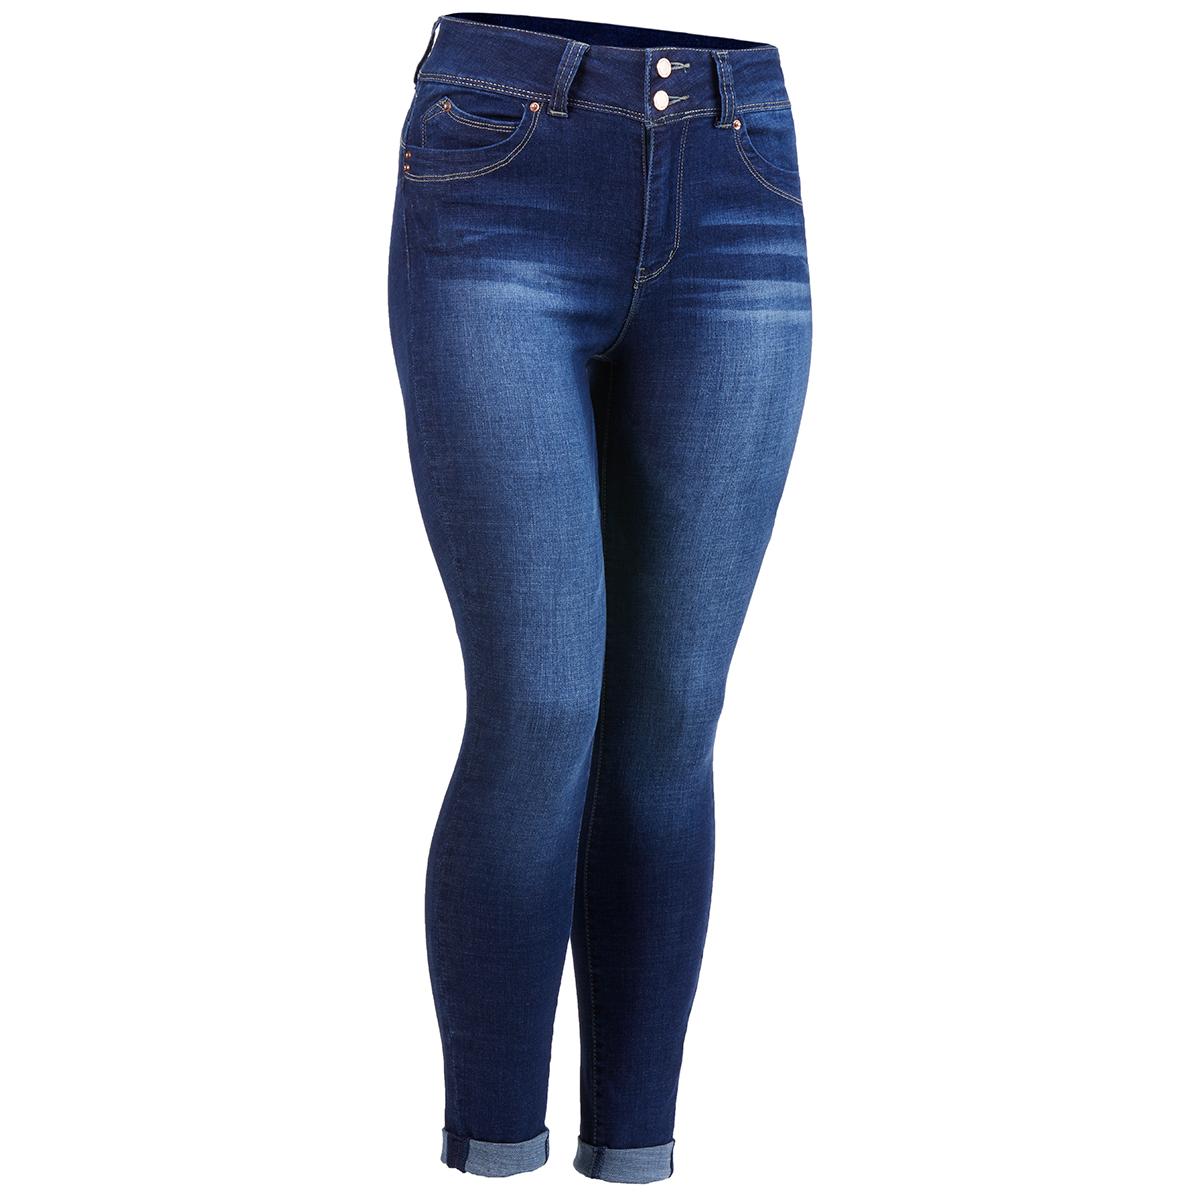 YMI Juniors' Wanna Betta Butt High-Rise Denim Ankle Jeans - Blue, 7